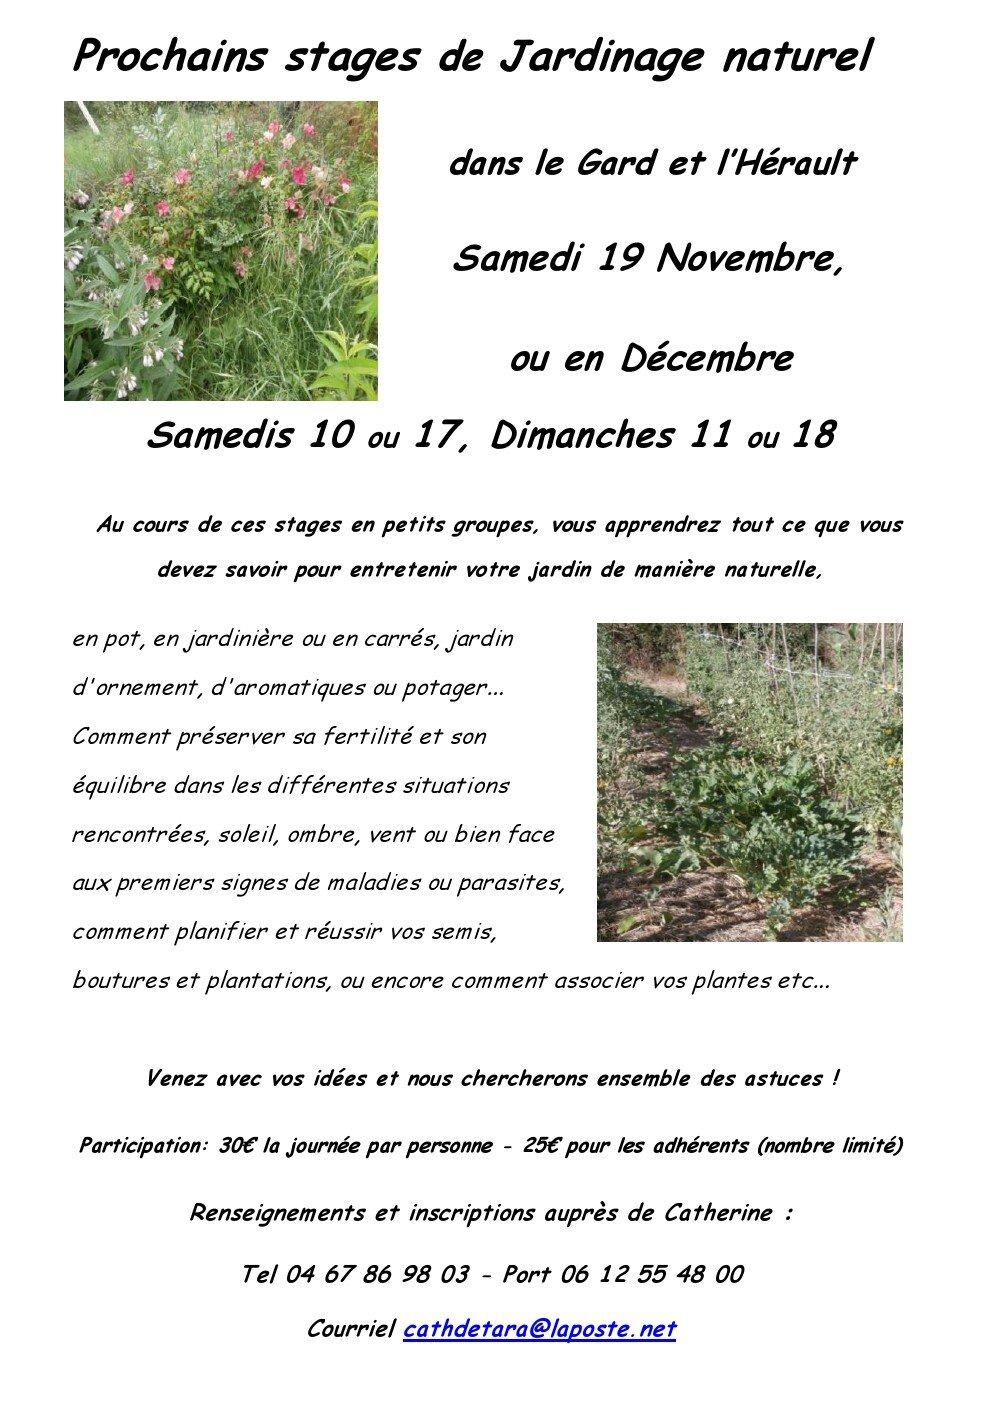 Réservez votre place pour un prochain stage de jardinage naturel avec Les Jardins De Tara dans le Gard ou l'Hérault